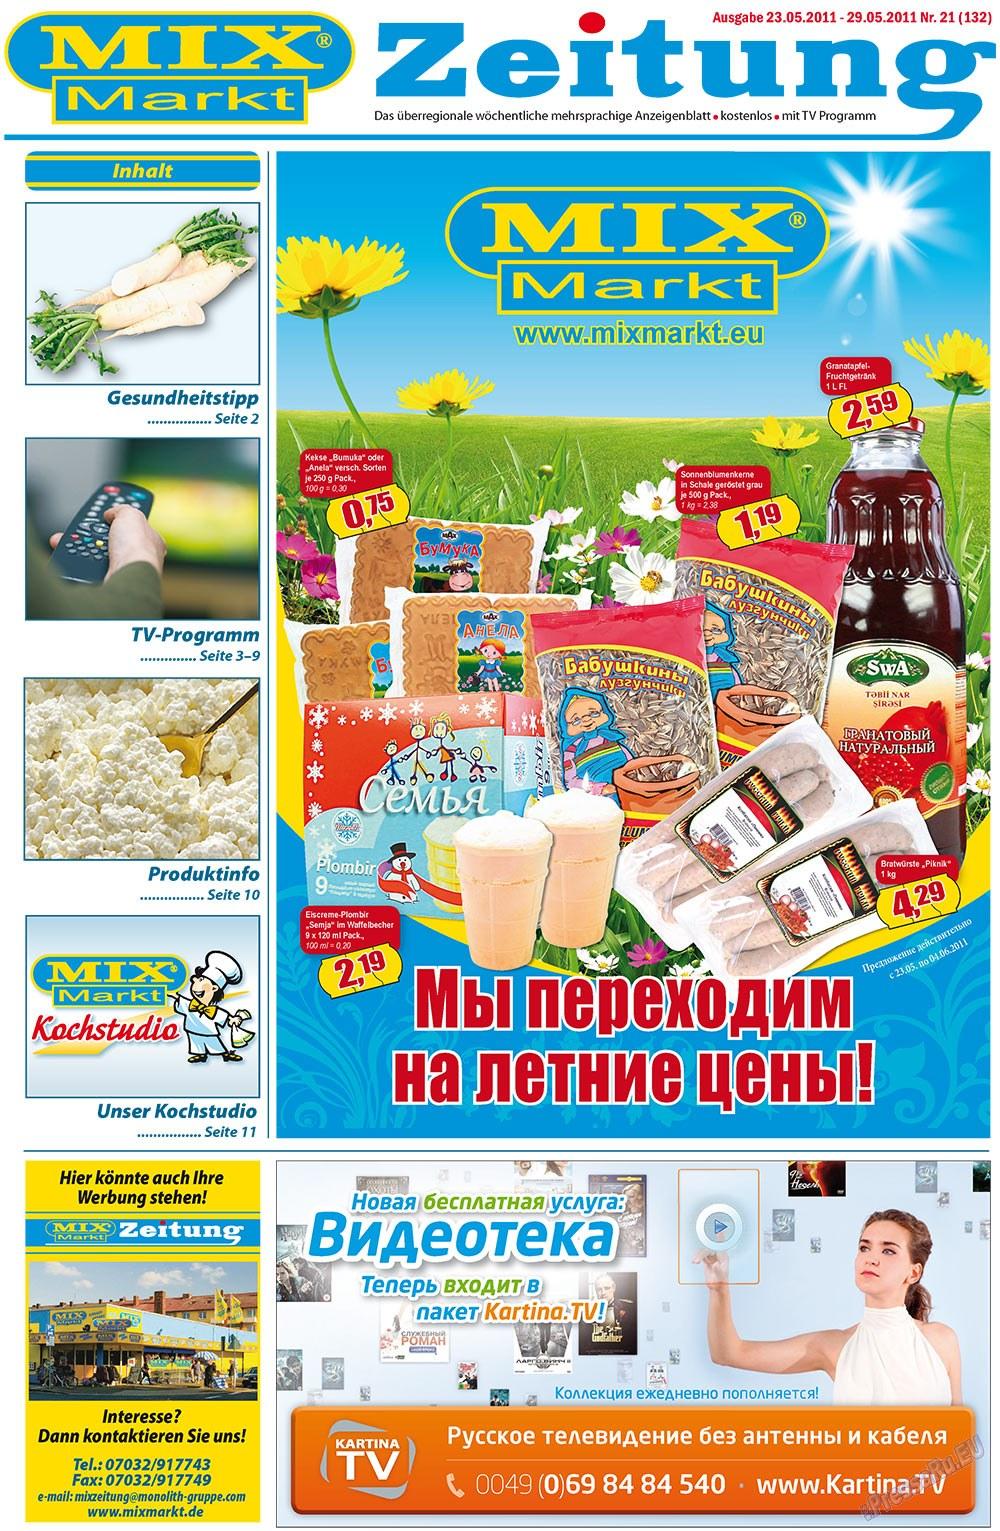 MIX-Markt Zeitung (газета). 2011 год, номер 21, стр. 1